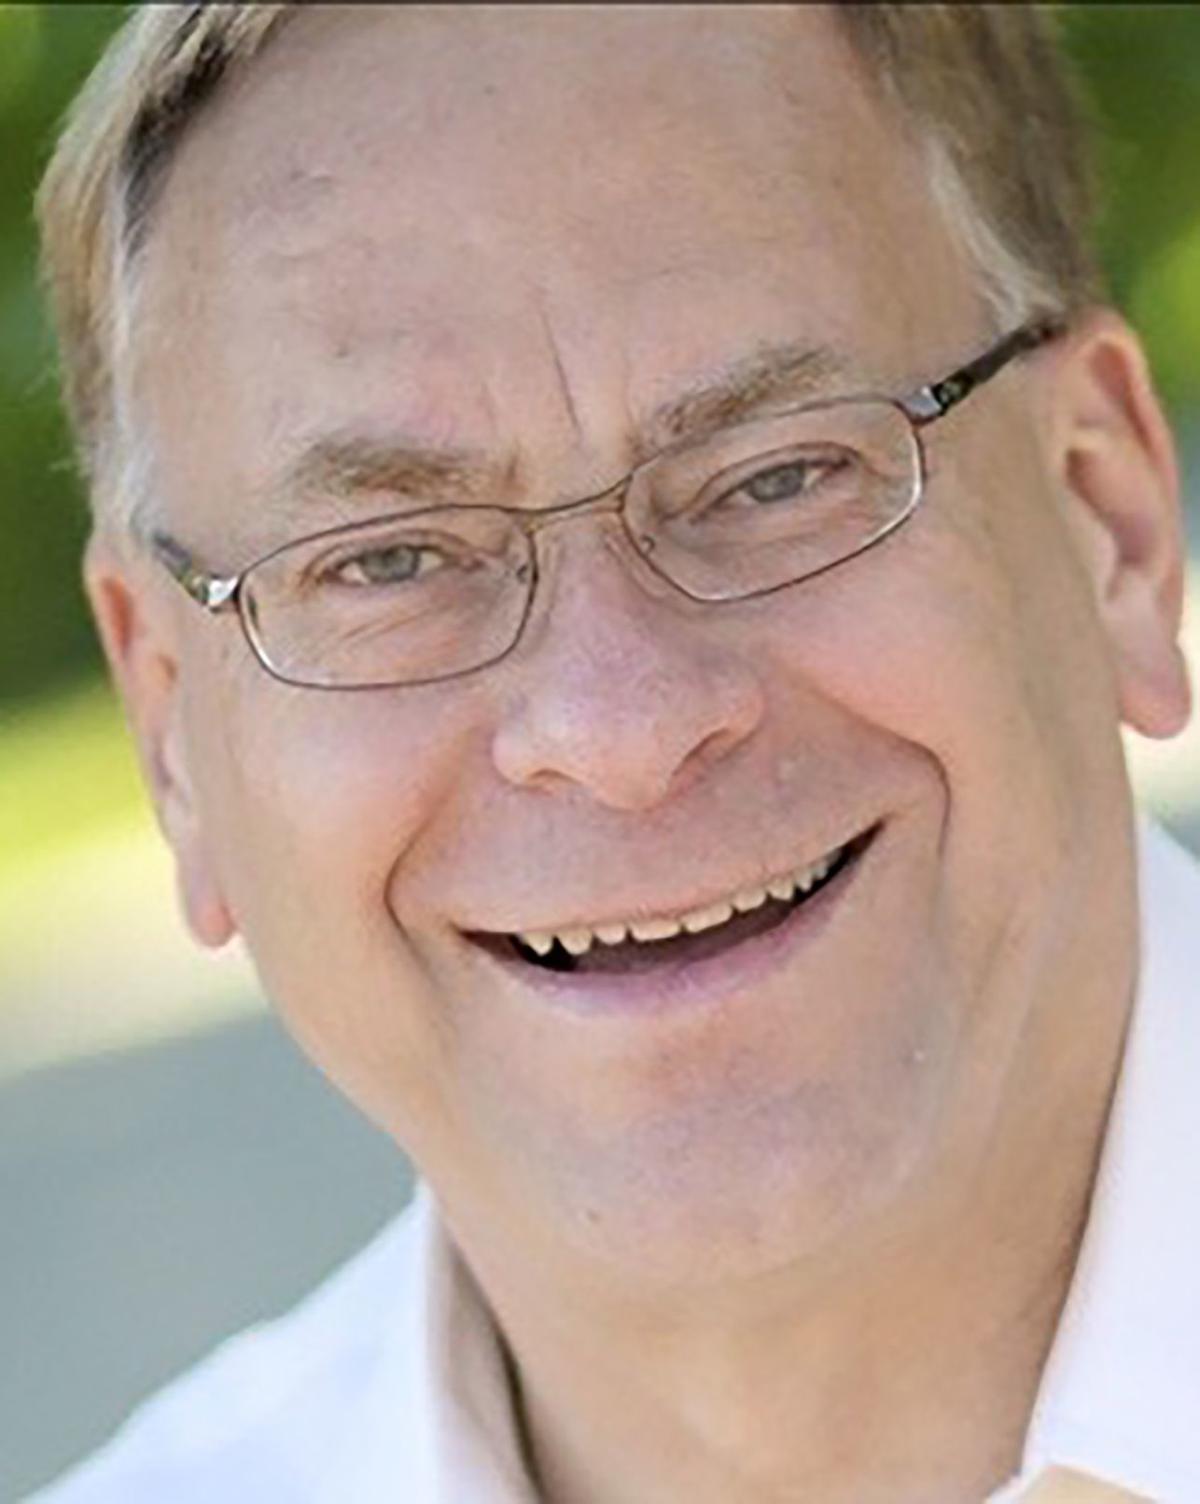 Mark Hovren